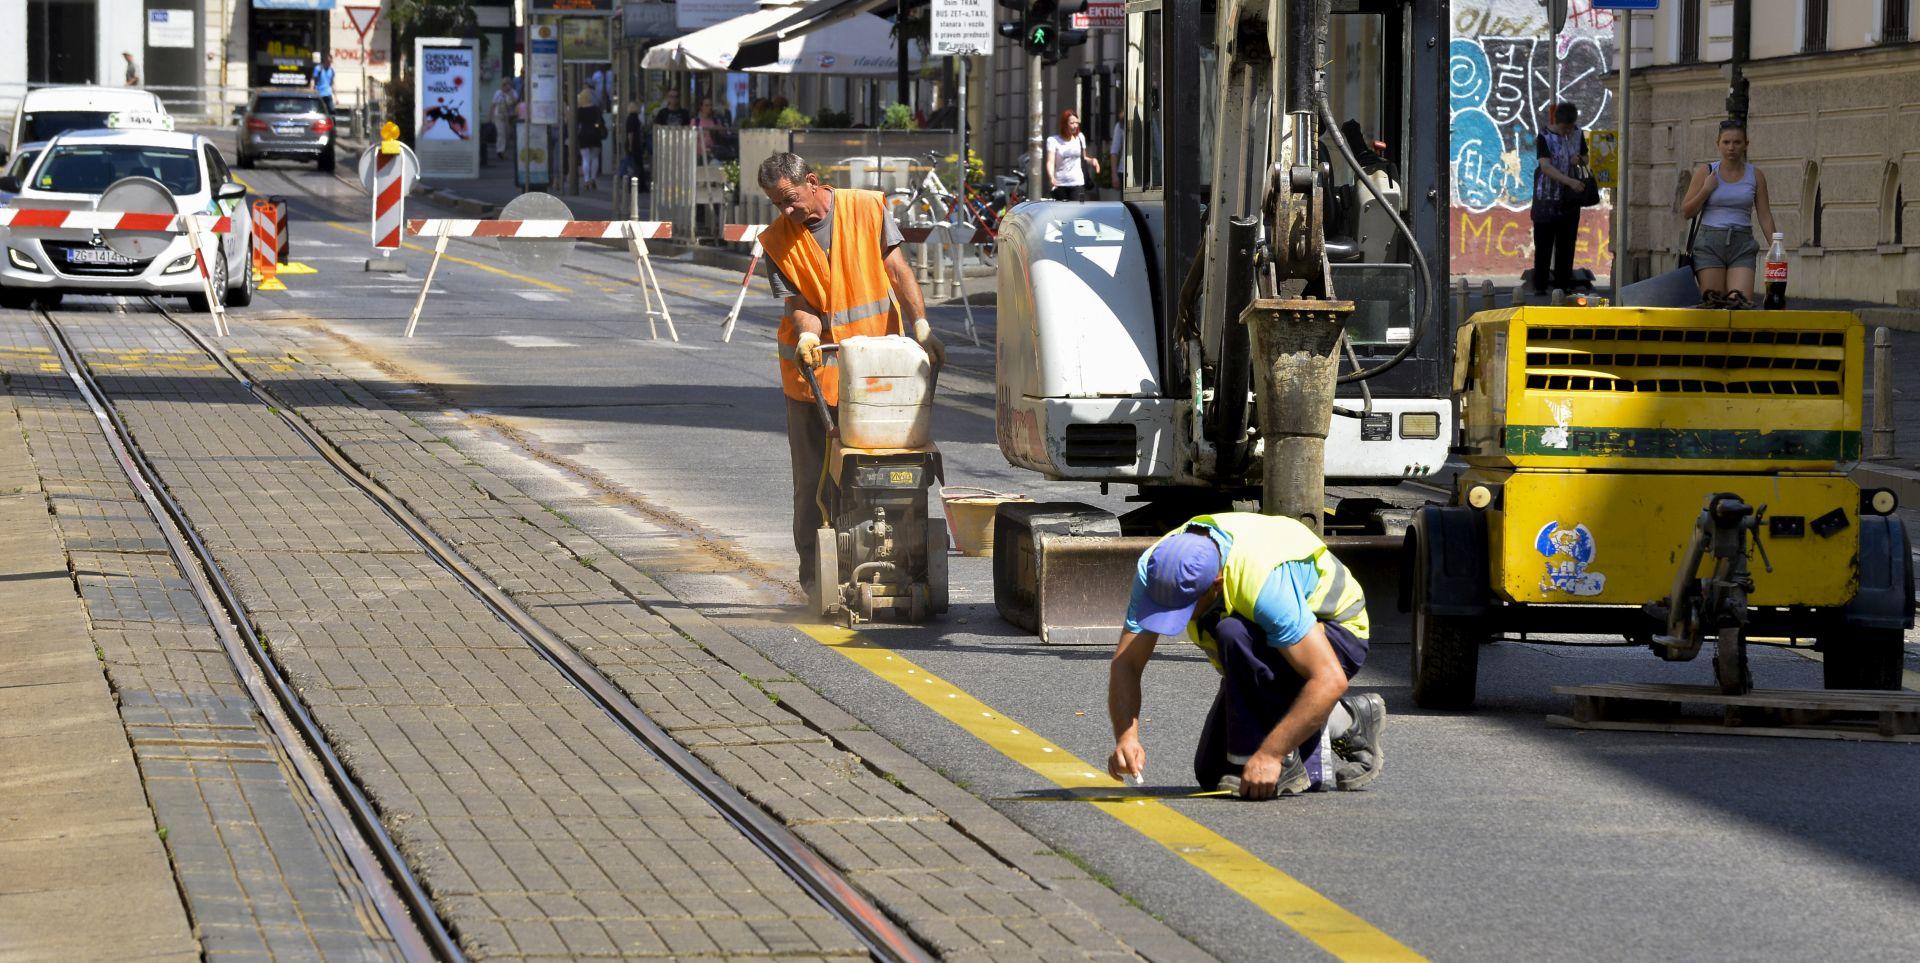 Problemi zbog ljetnih radova u Zagrebu, većina ulica se otvara do kraja kolovoza